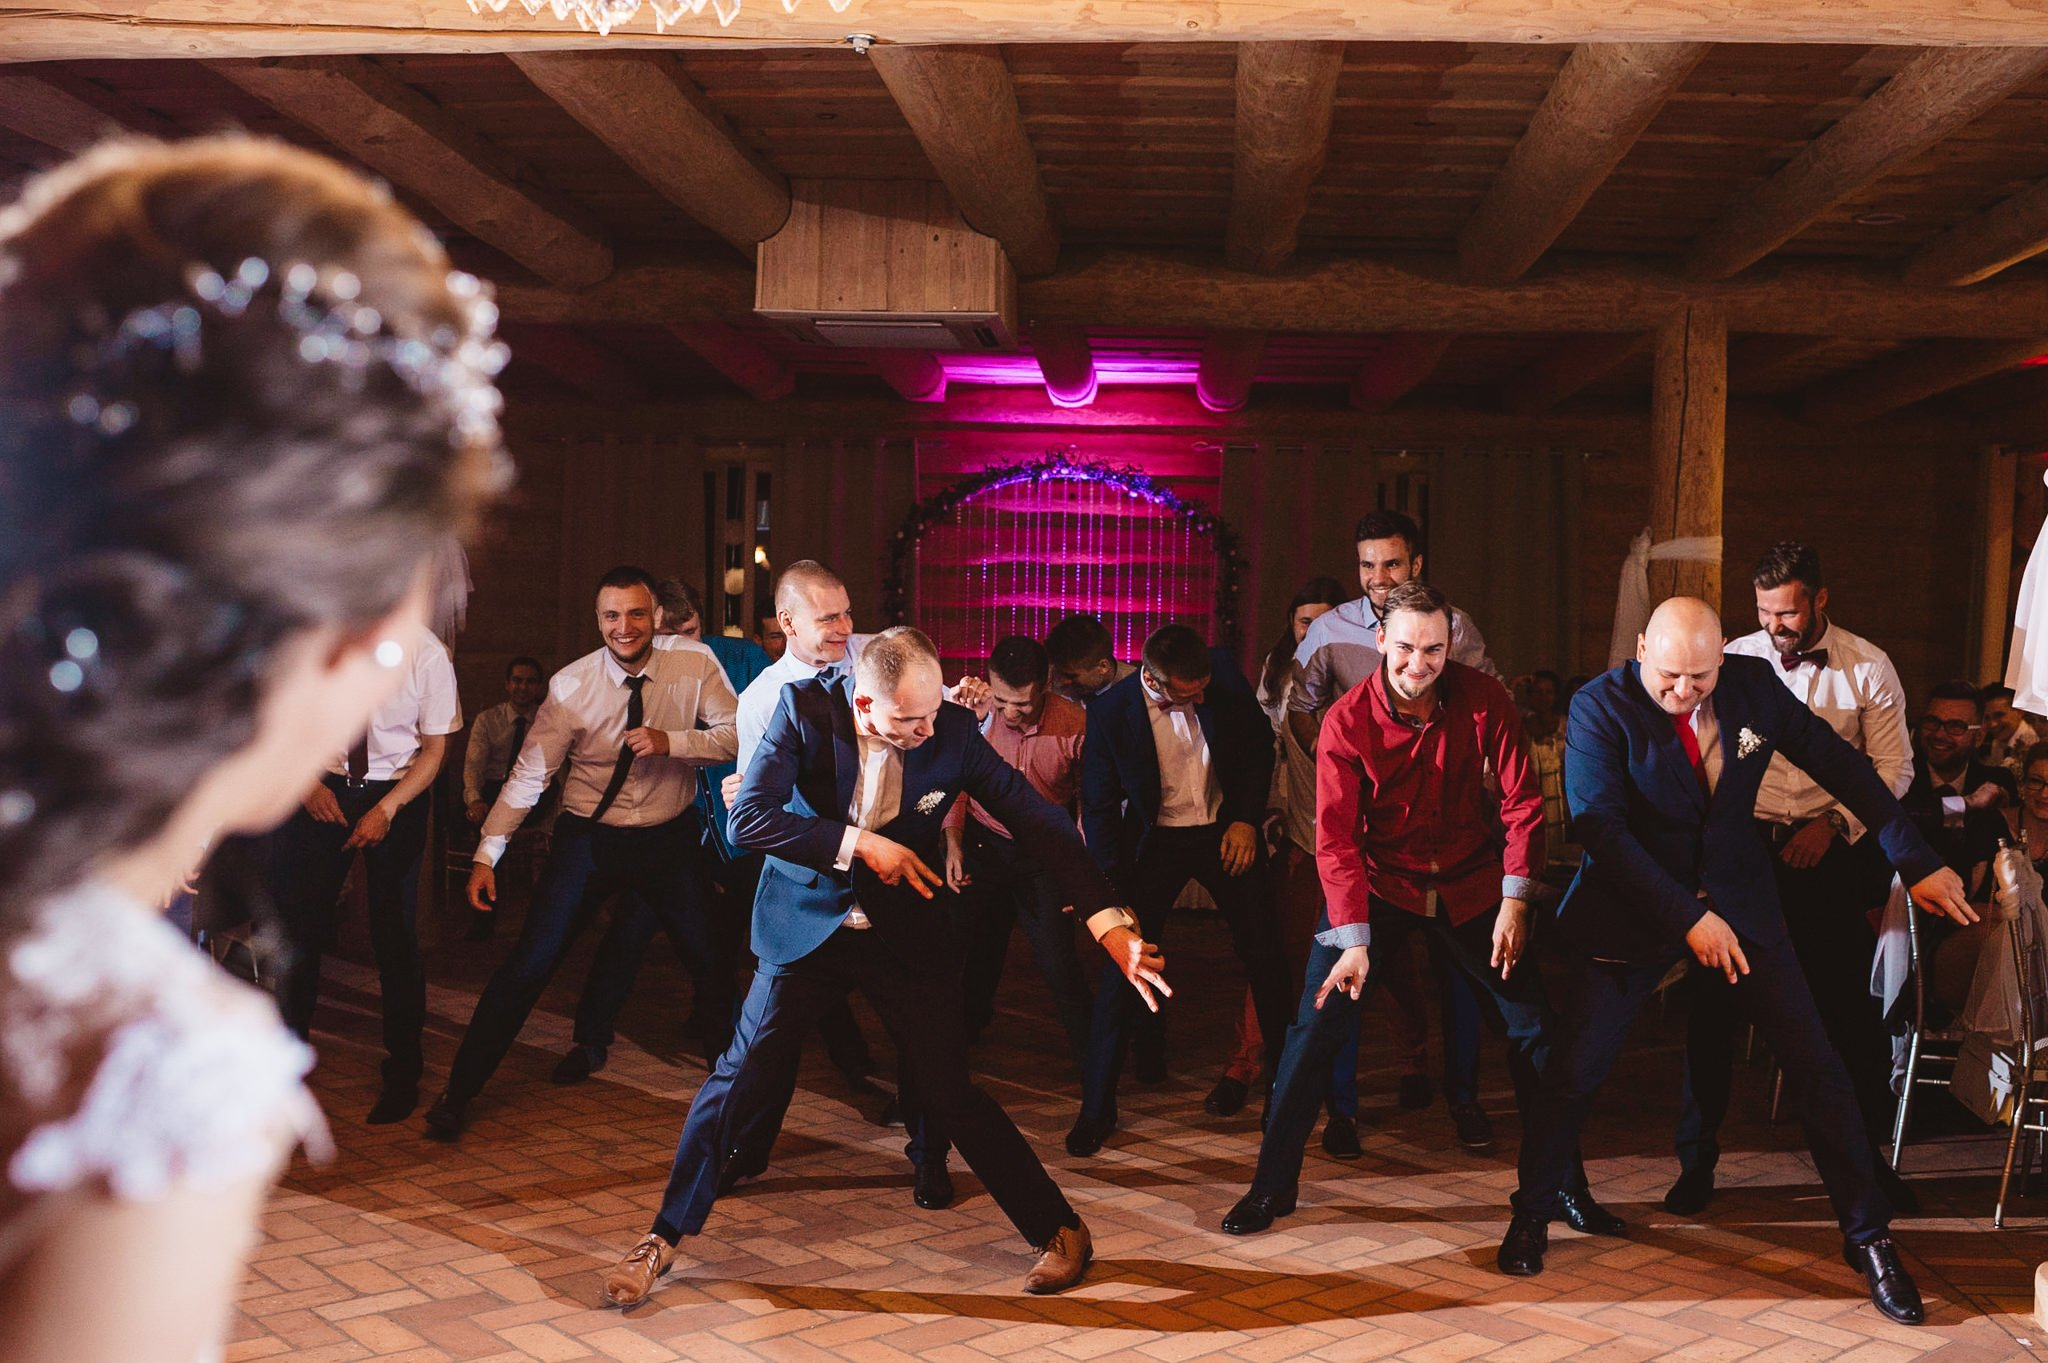 Ala i Arek, czyli jak zorganizować ślub i wesele w 4 tygodnie! 344